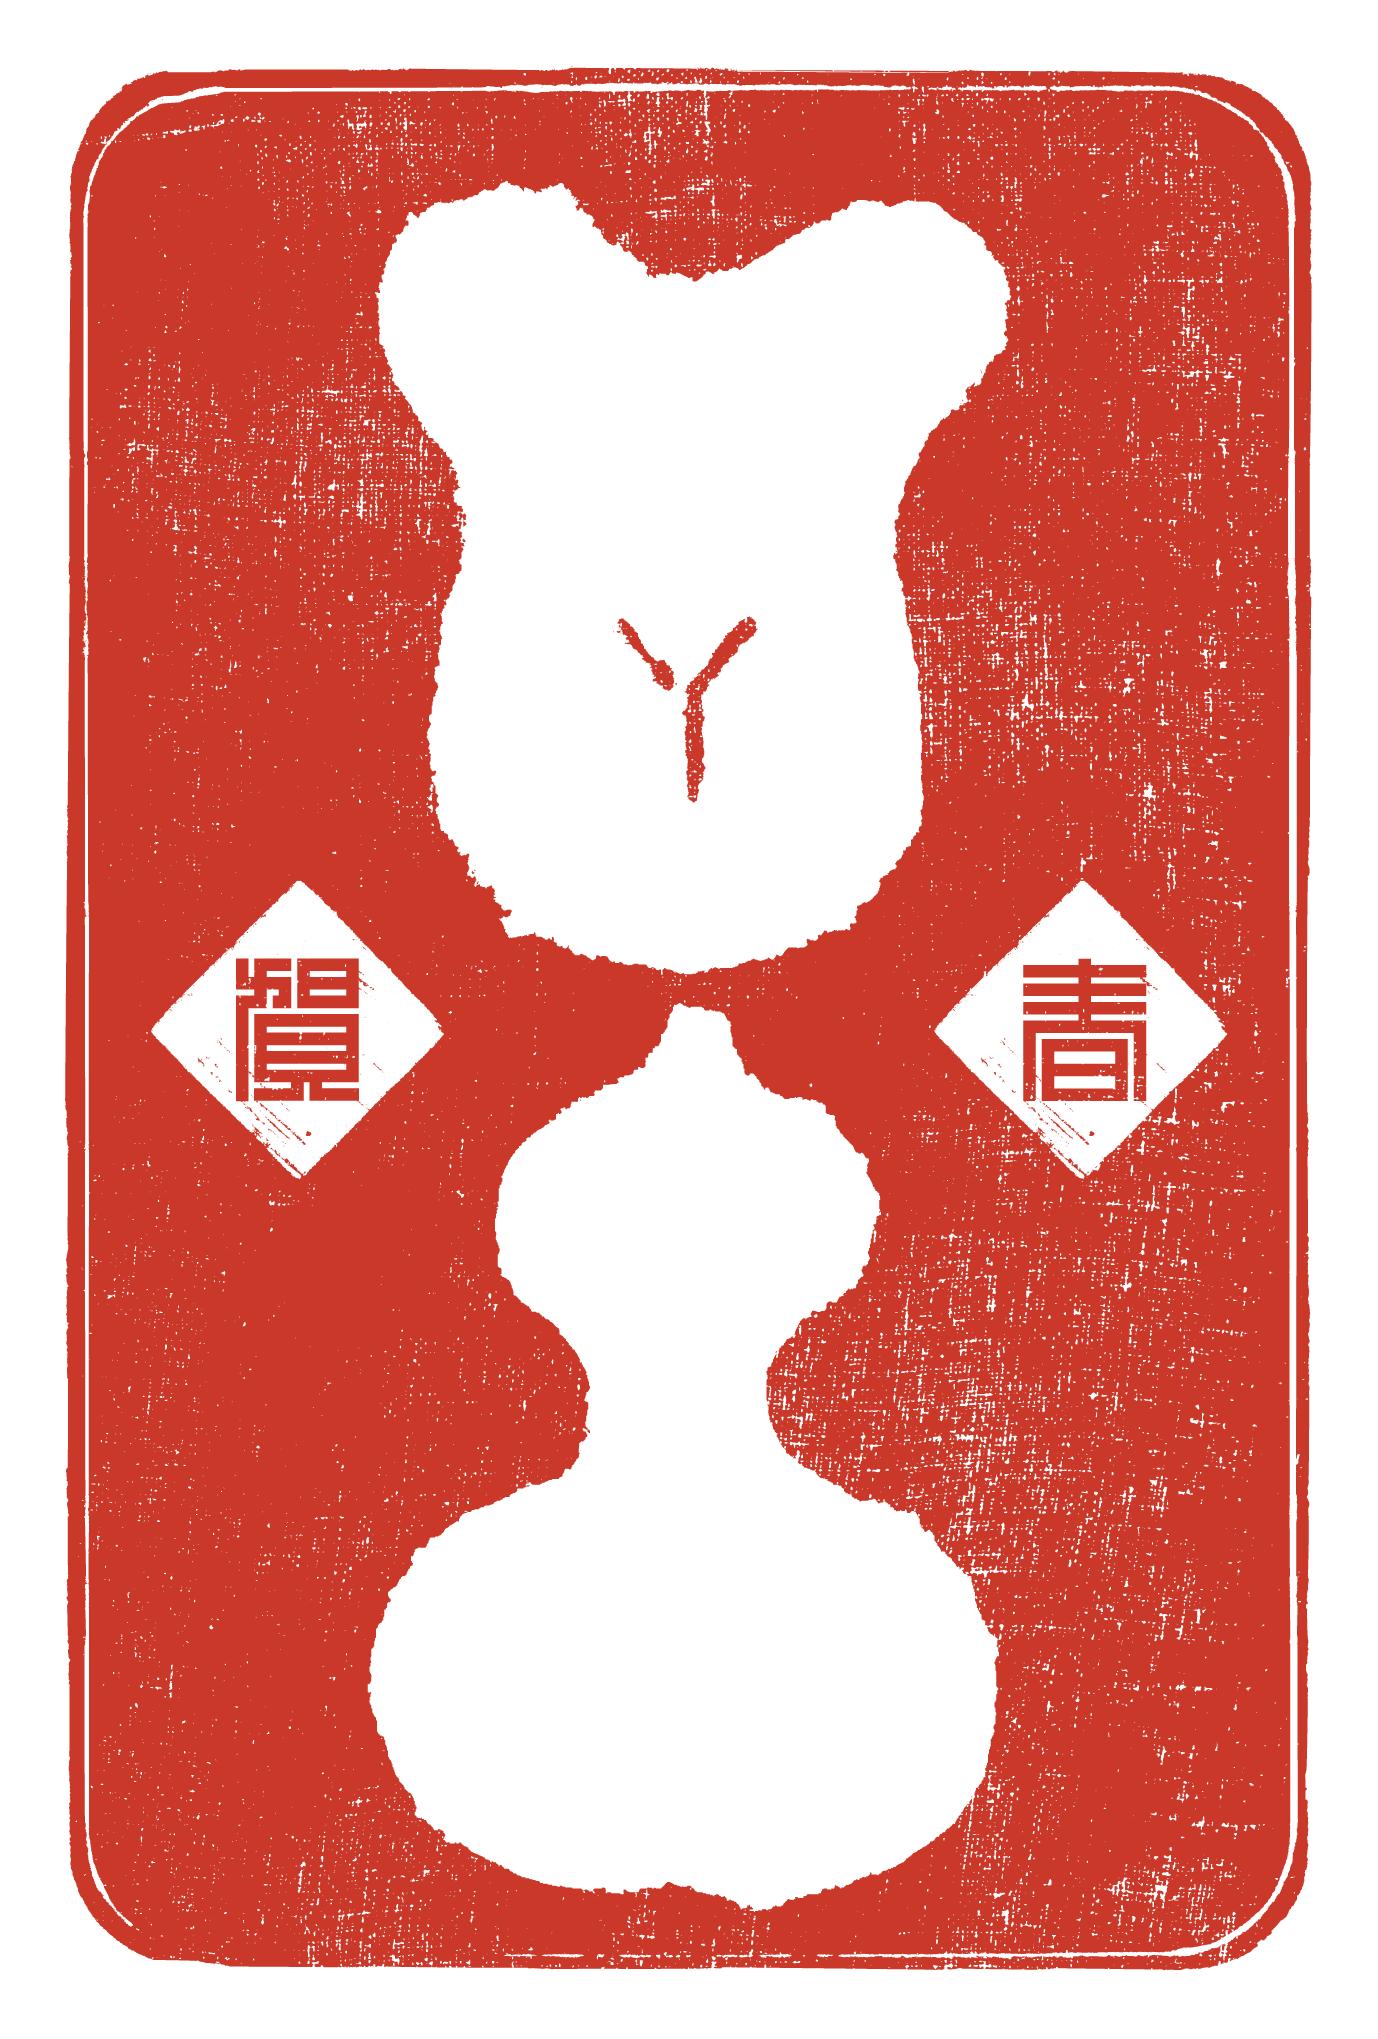 2016年賀状19-3:猿と瓢箪(賀春)のダウンロード画像